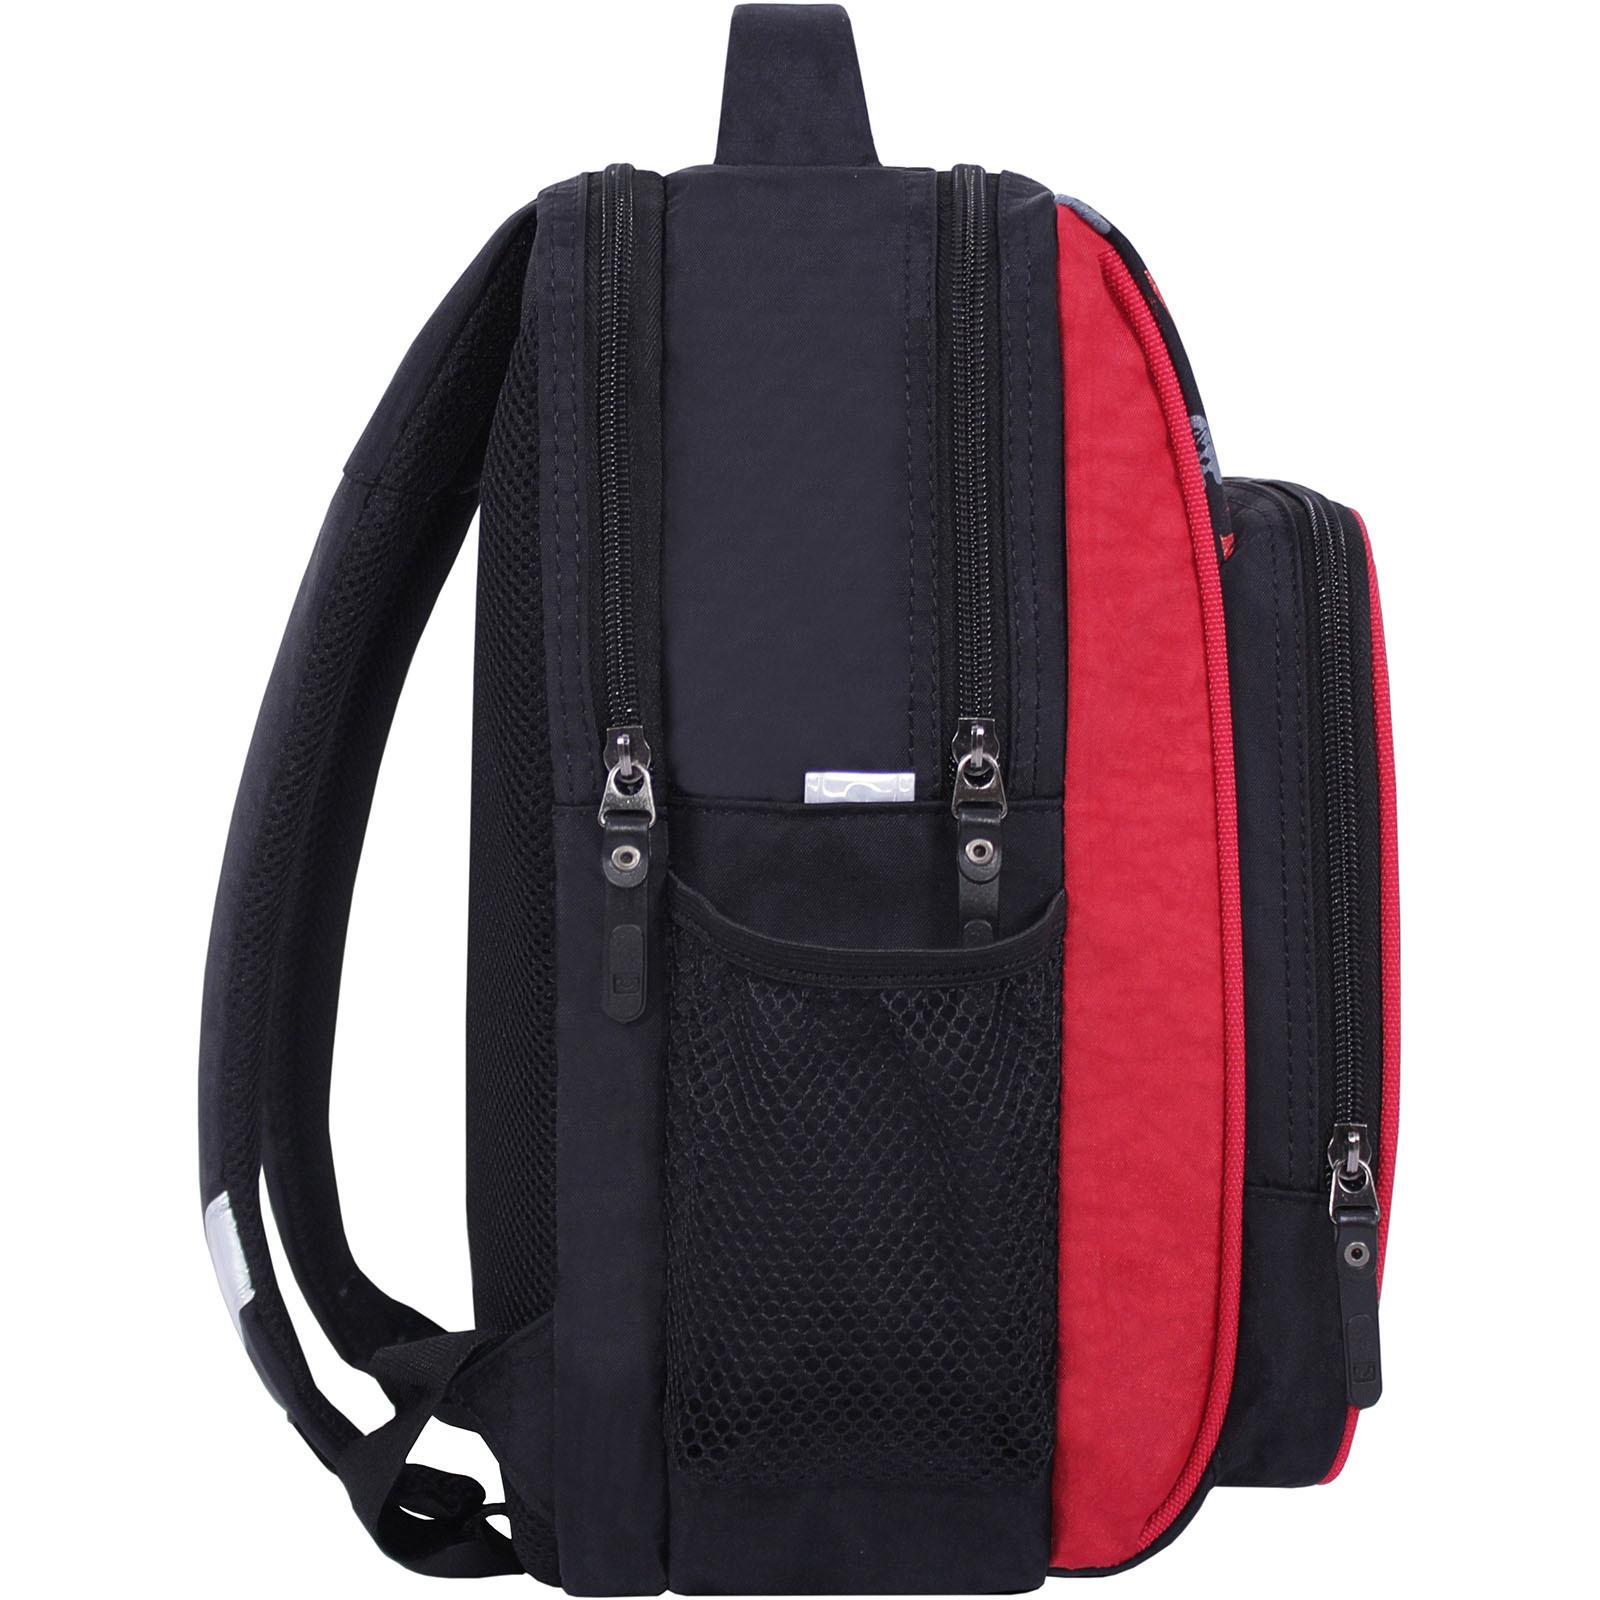 Рюкзак школьный Bagland Школьник 8 л. черный 500 (0012870) фото 2